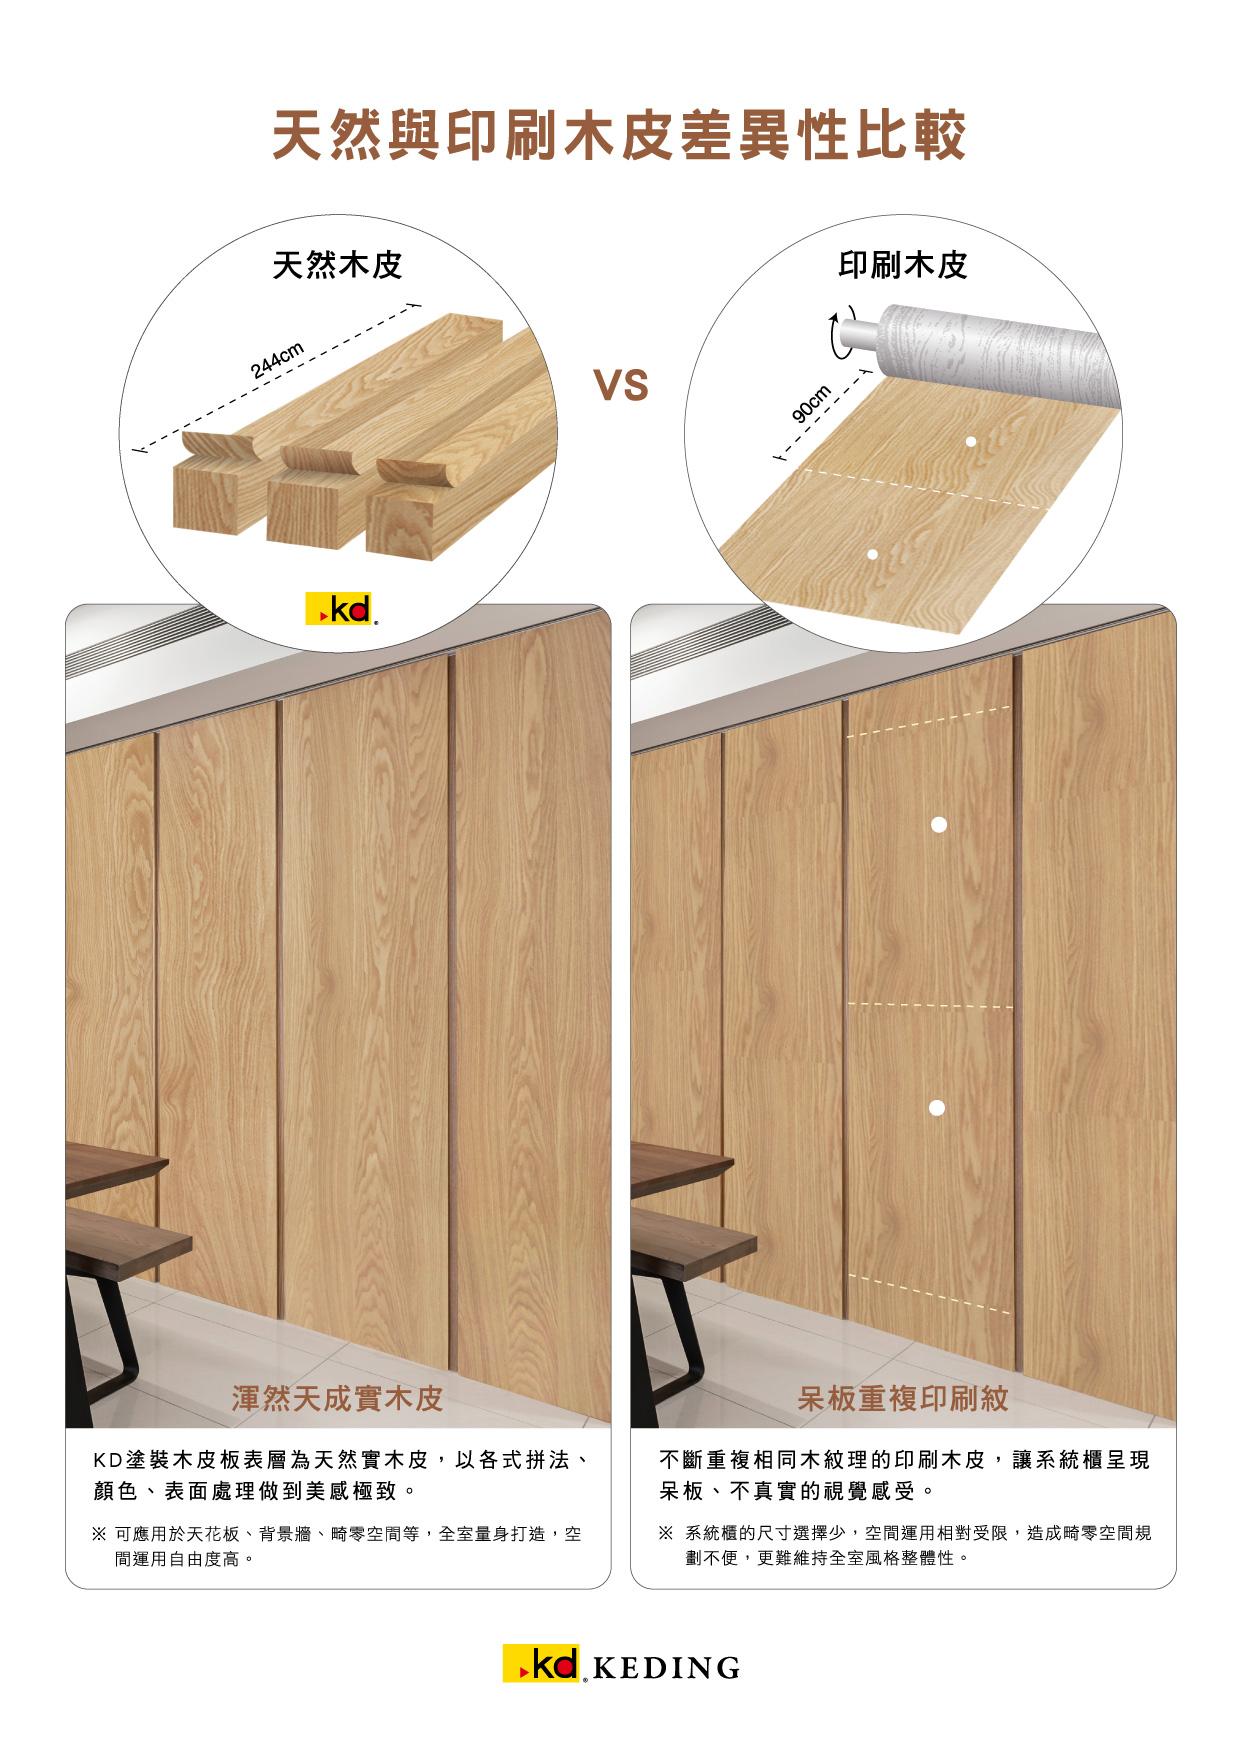 天然與印刷木皮差異